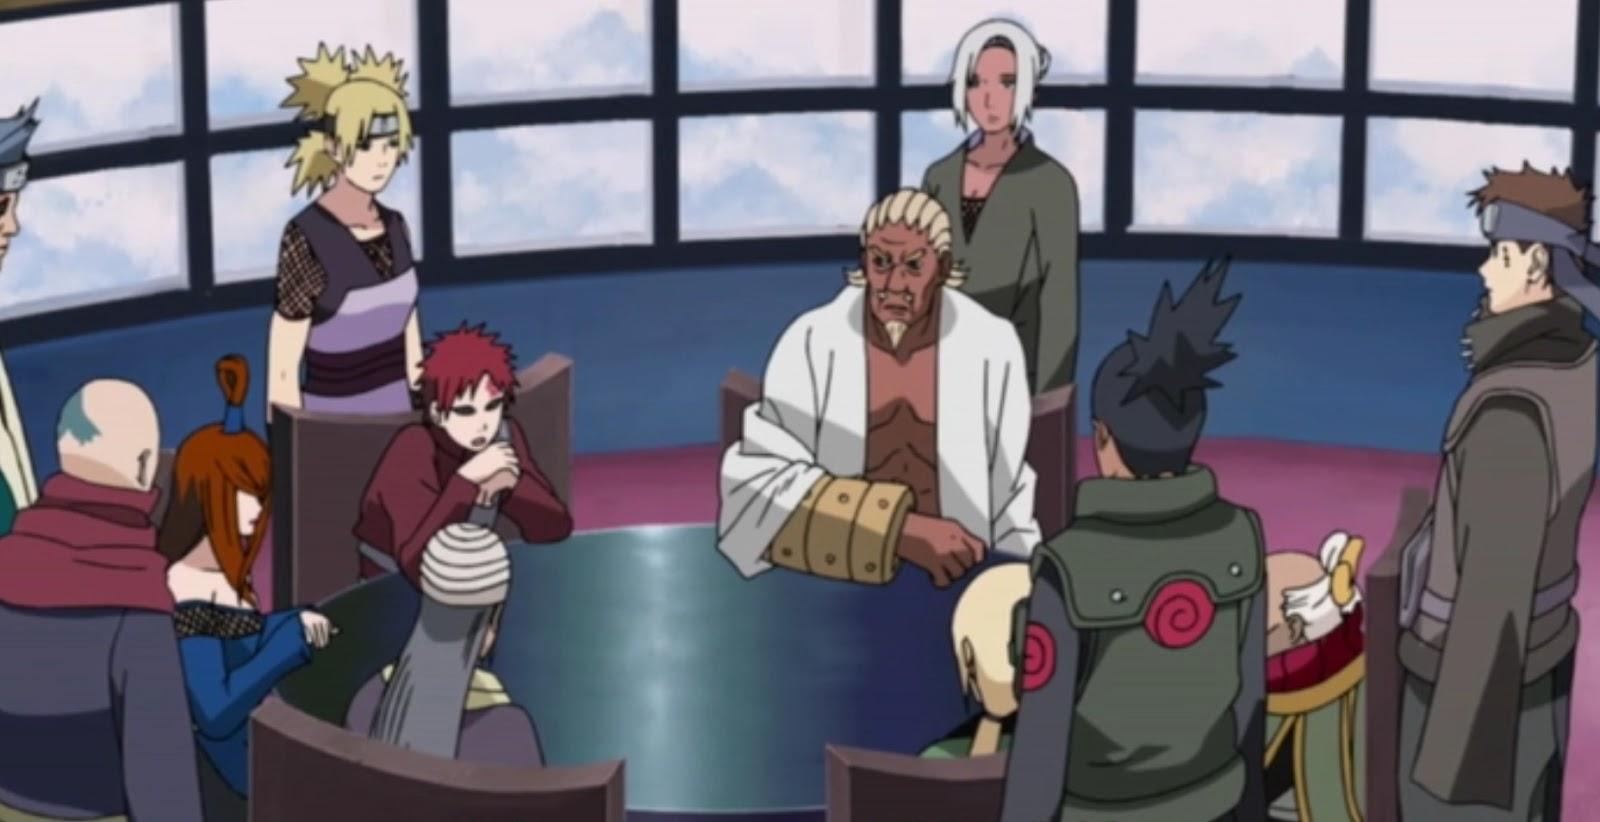 Naruto Shippuden Episódio 222, Assistir Naruto Shippuden Episódio 222, Assistir Naruto Shippuden Todos os Episódios Legendado, Naruto Shippuden episódio 222,HD